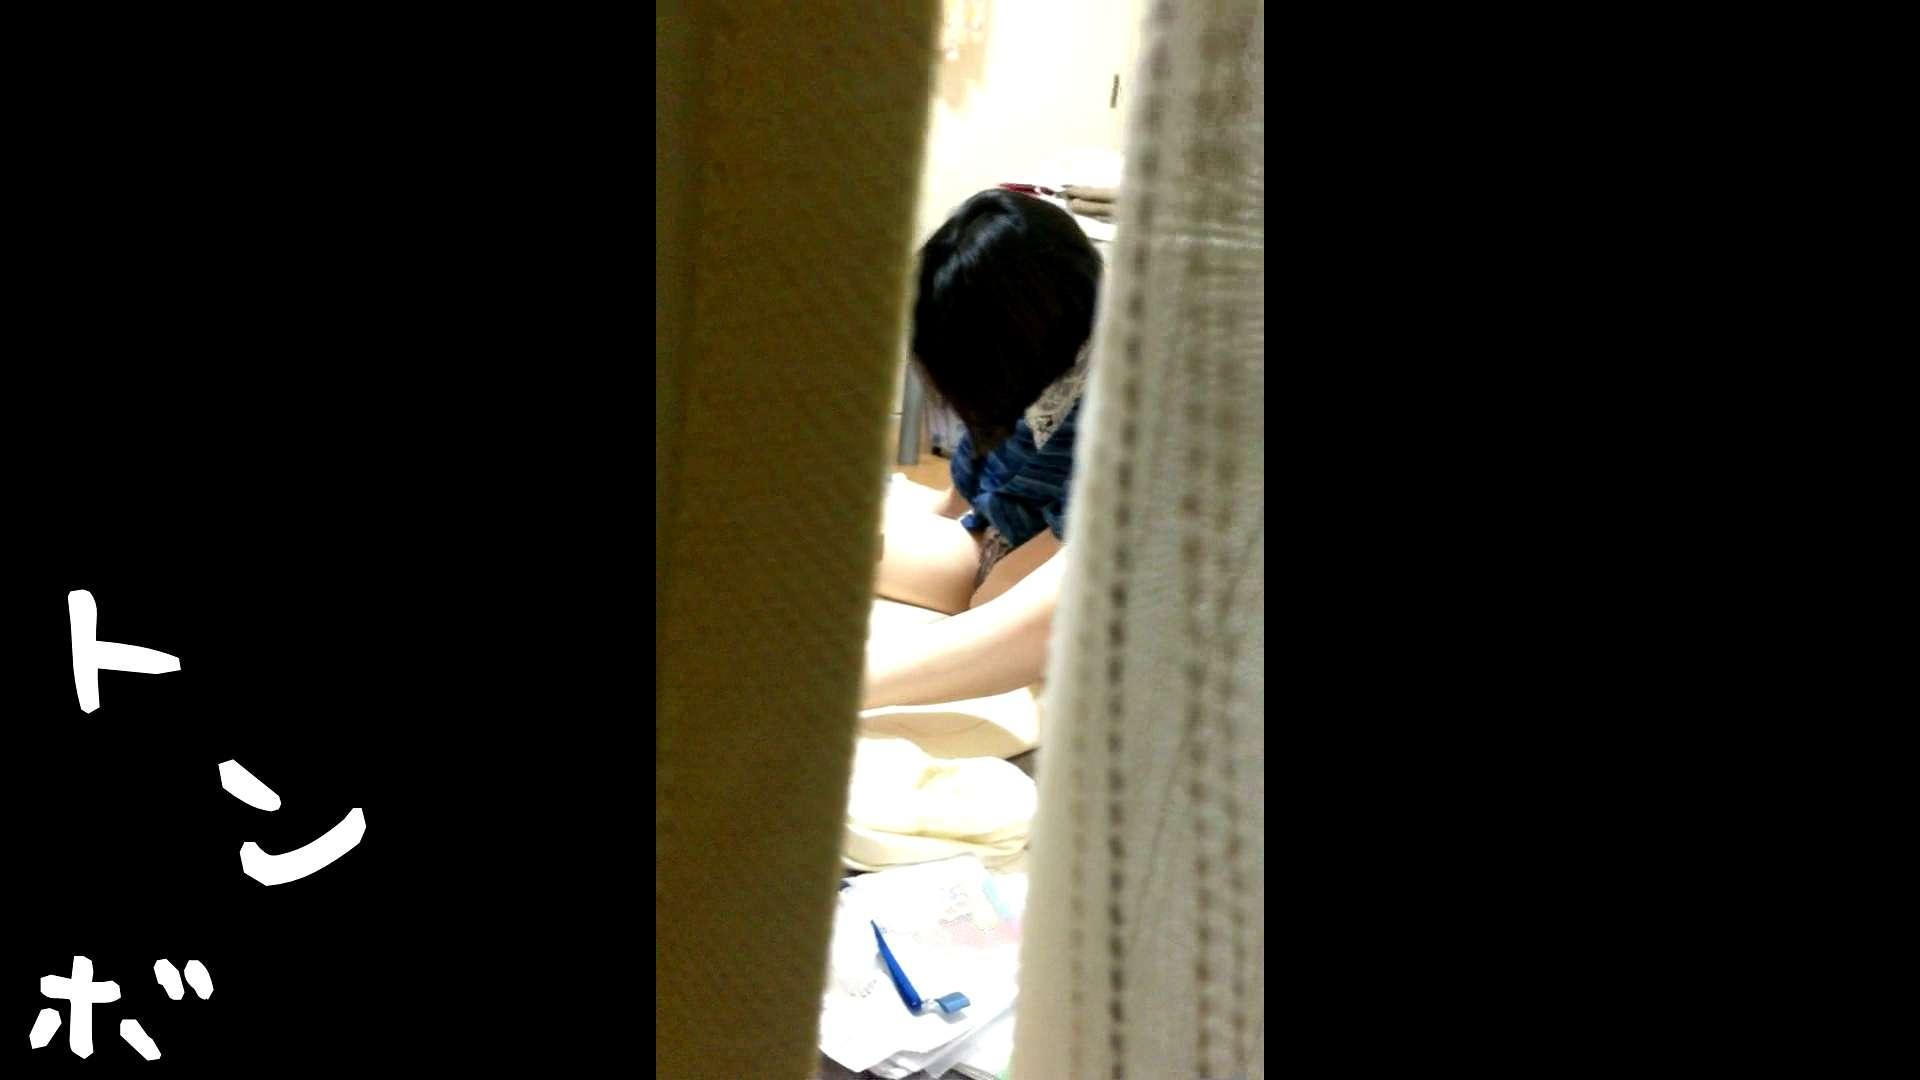 リアル盗撮 作家志望J子 アソコのお手入れ最中に感じてパンツを湿らす 盗撮 | 隠れた名作  38画像 13